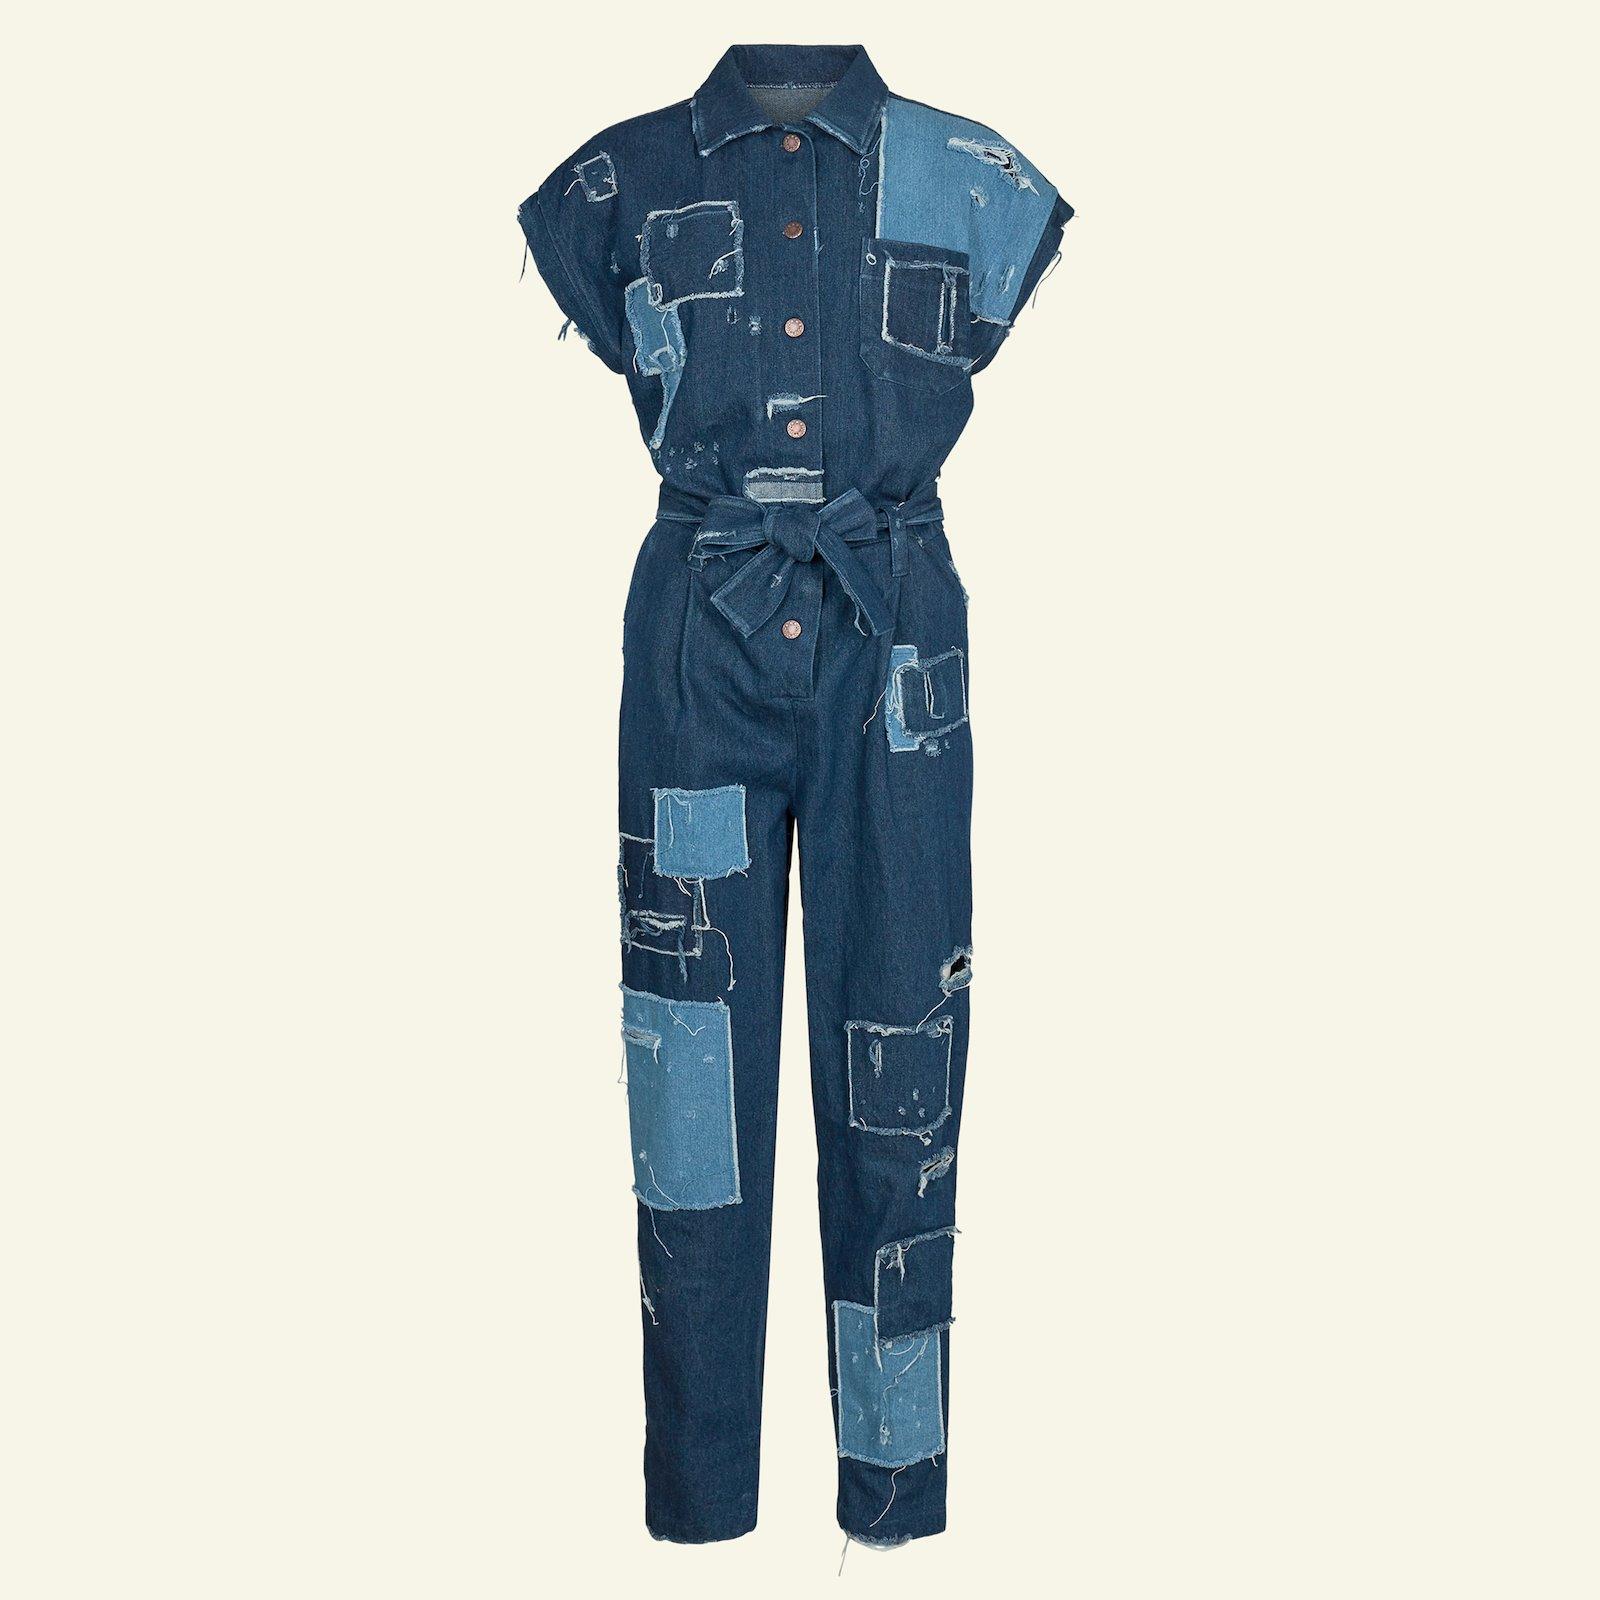 Prym jeans button 17mm antique copper 8p p20055_400061_400091_400023_45081_46304_sskit